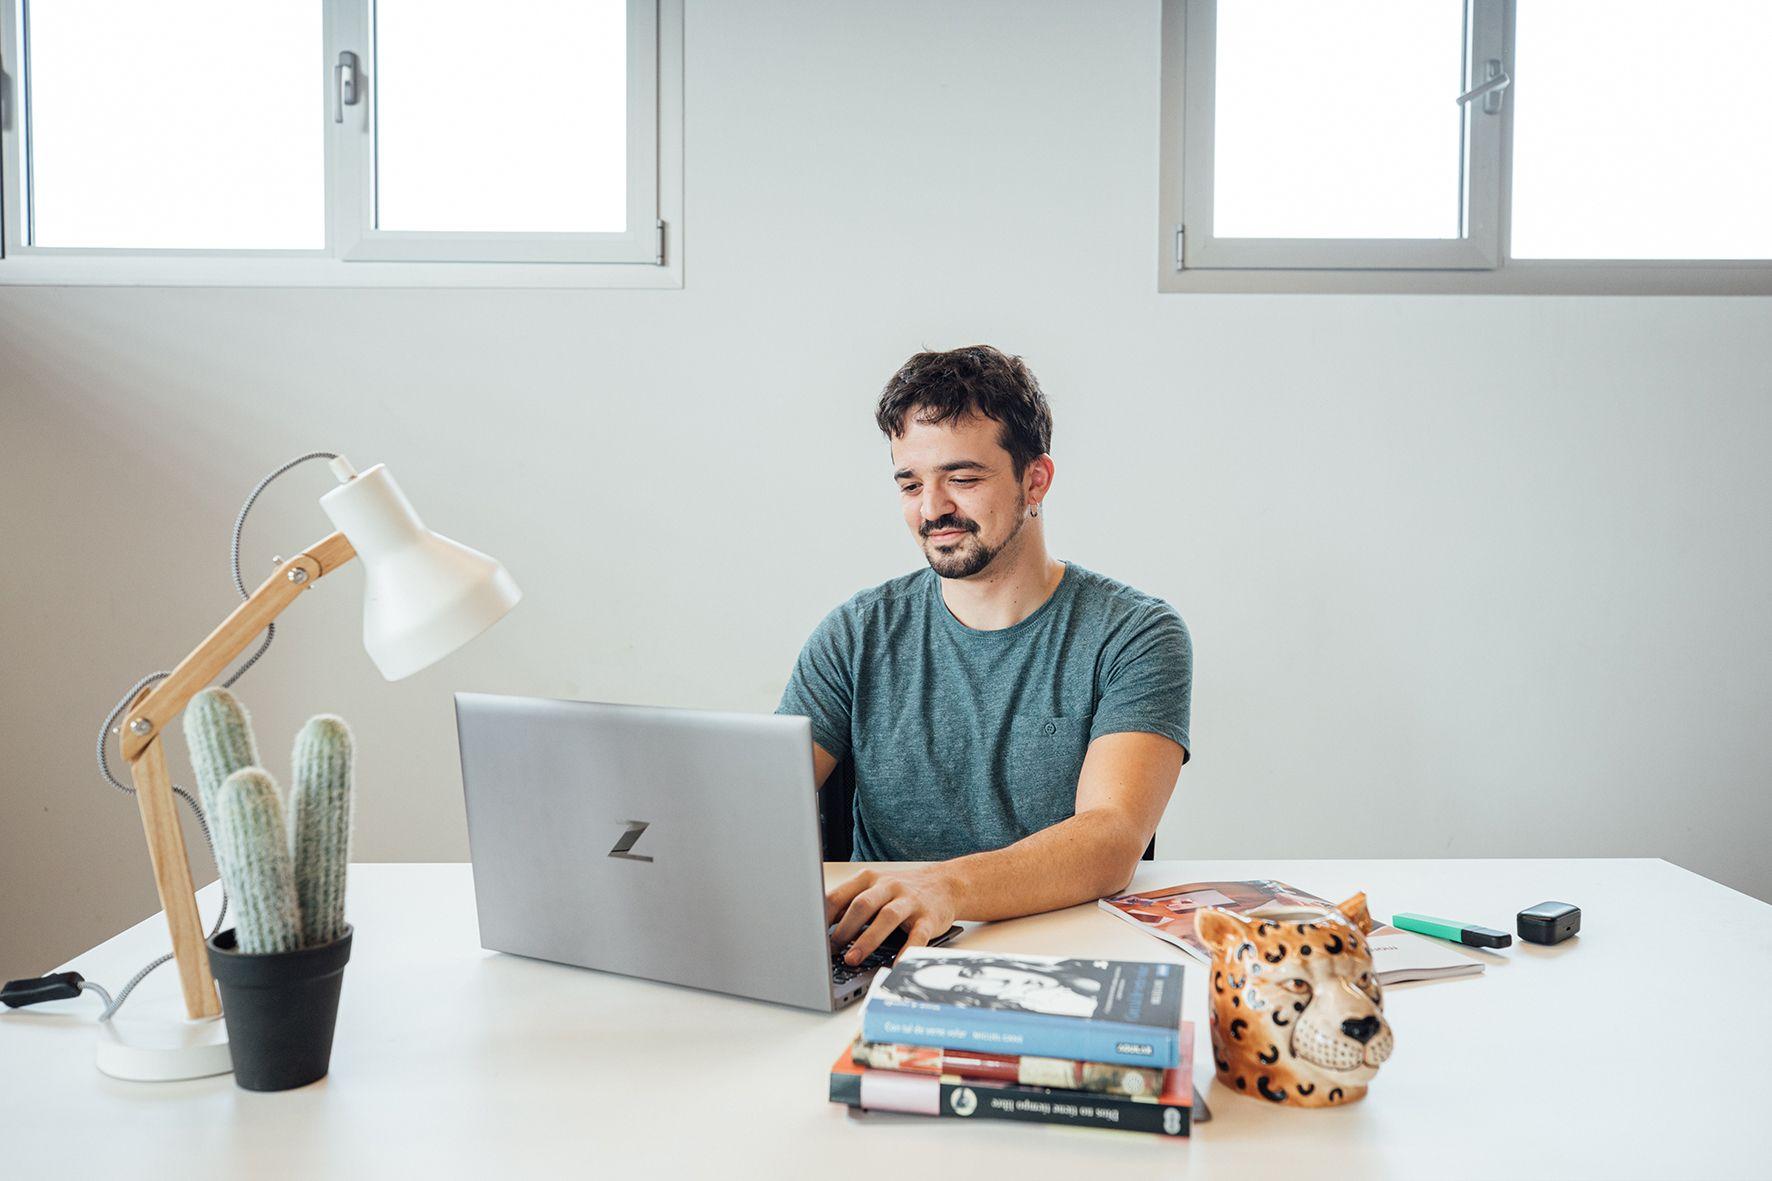 ILERNA Online: La FP aumenta su popularidad y se consolida por su alto nivel de empleabilidad